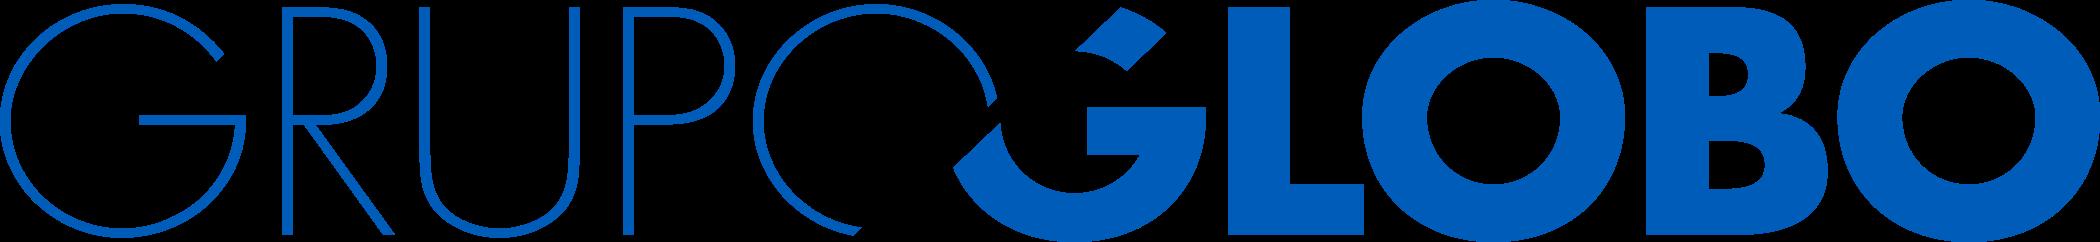 grupo globo logo 1 - Grupo Globo Logo